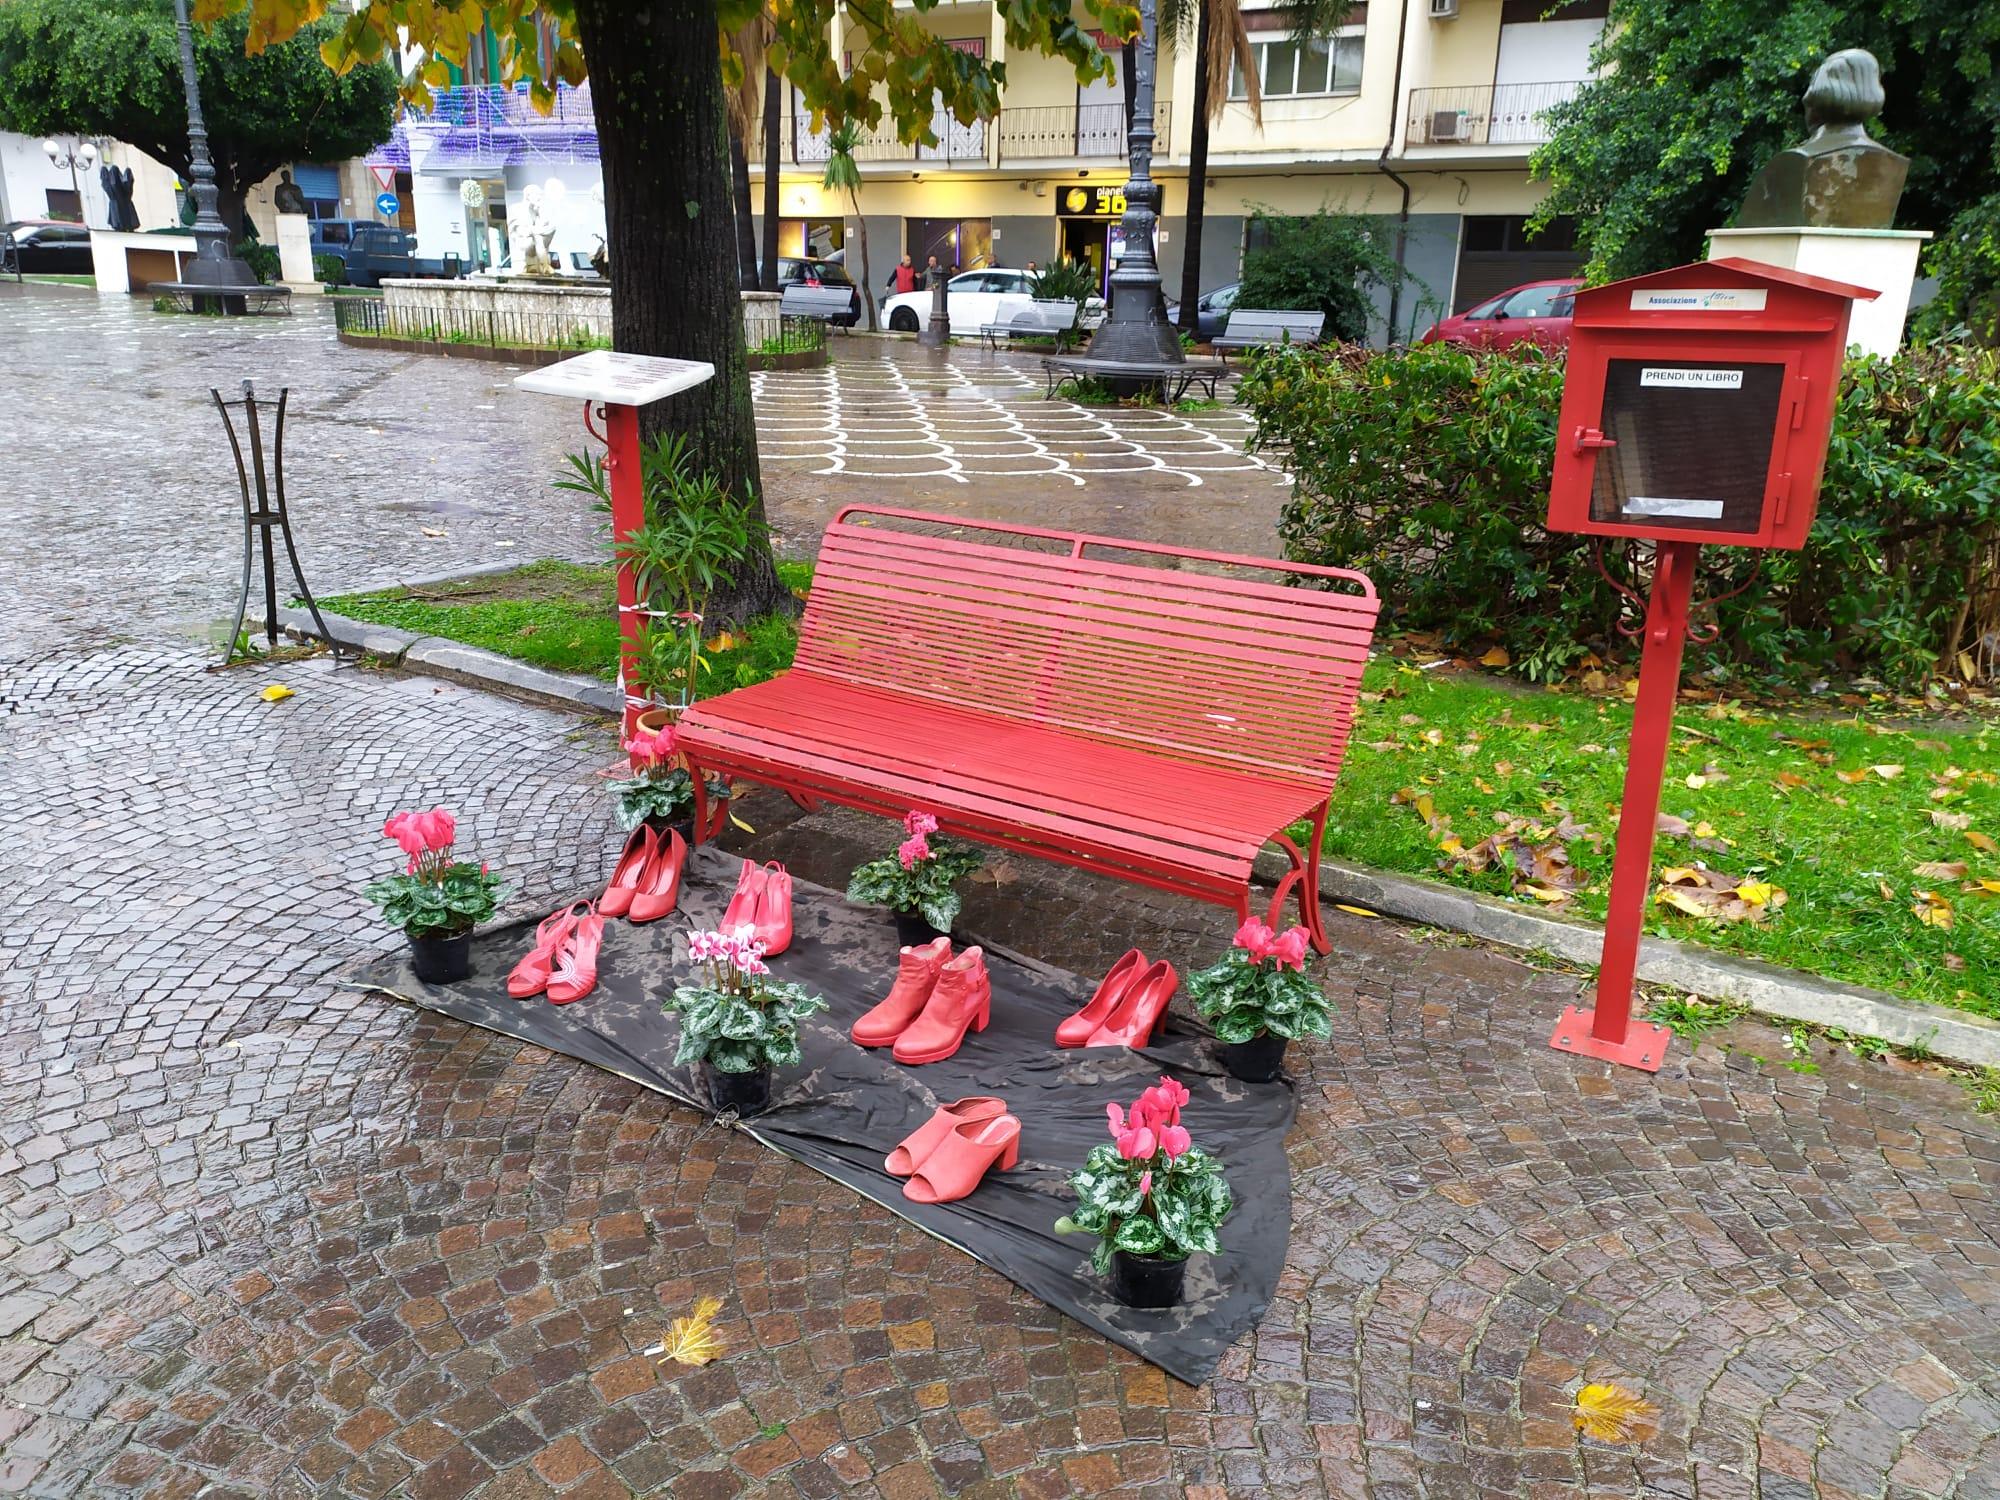 Barcellona PG. Installazione scarpe rosse in Piazza, 'Attivamente' pronta a sensibilizzare contro violenza sulle donne